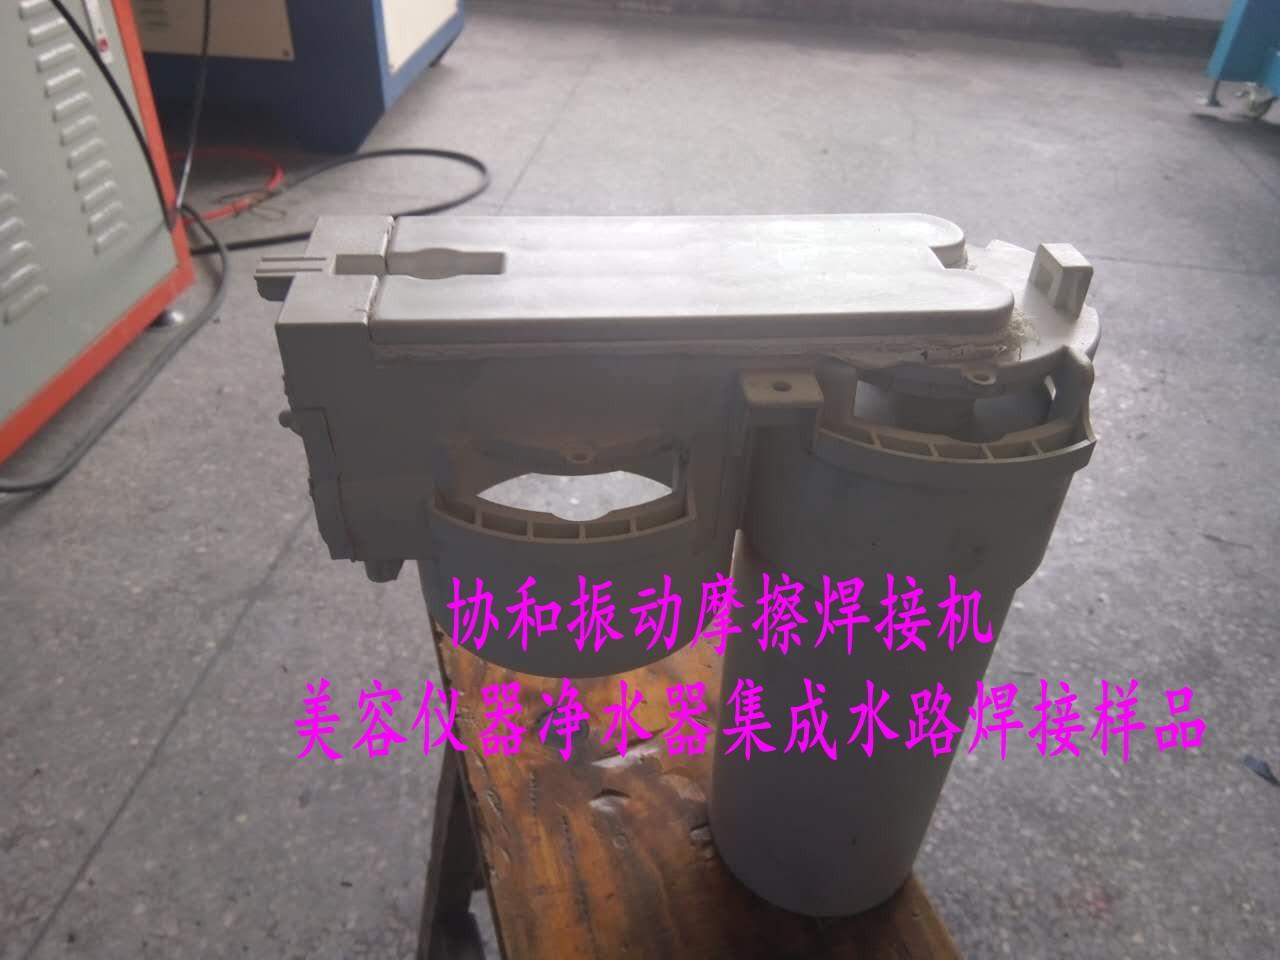 振动摩擦机 PP玻纤板焊接 压力桶防水气密焊接并代加工震动摩擦机示例图8